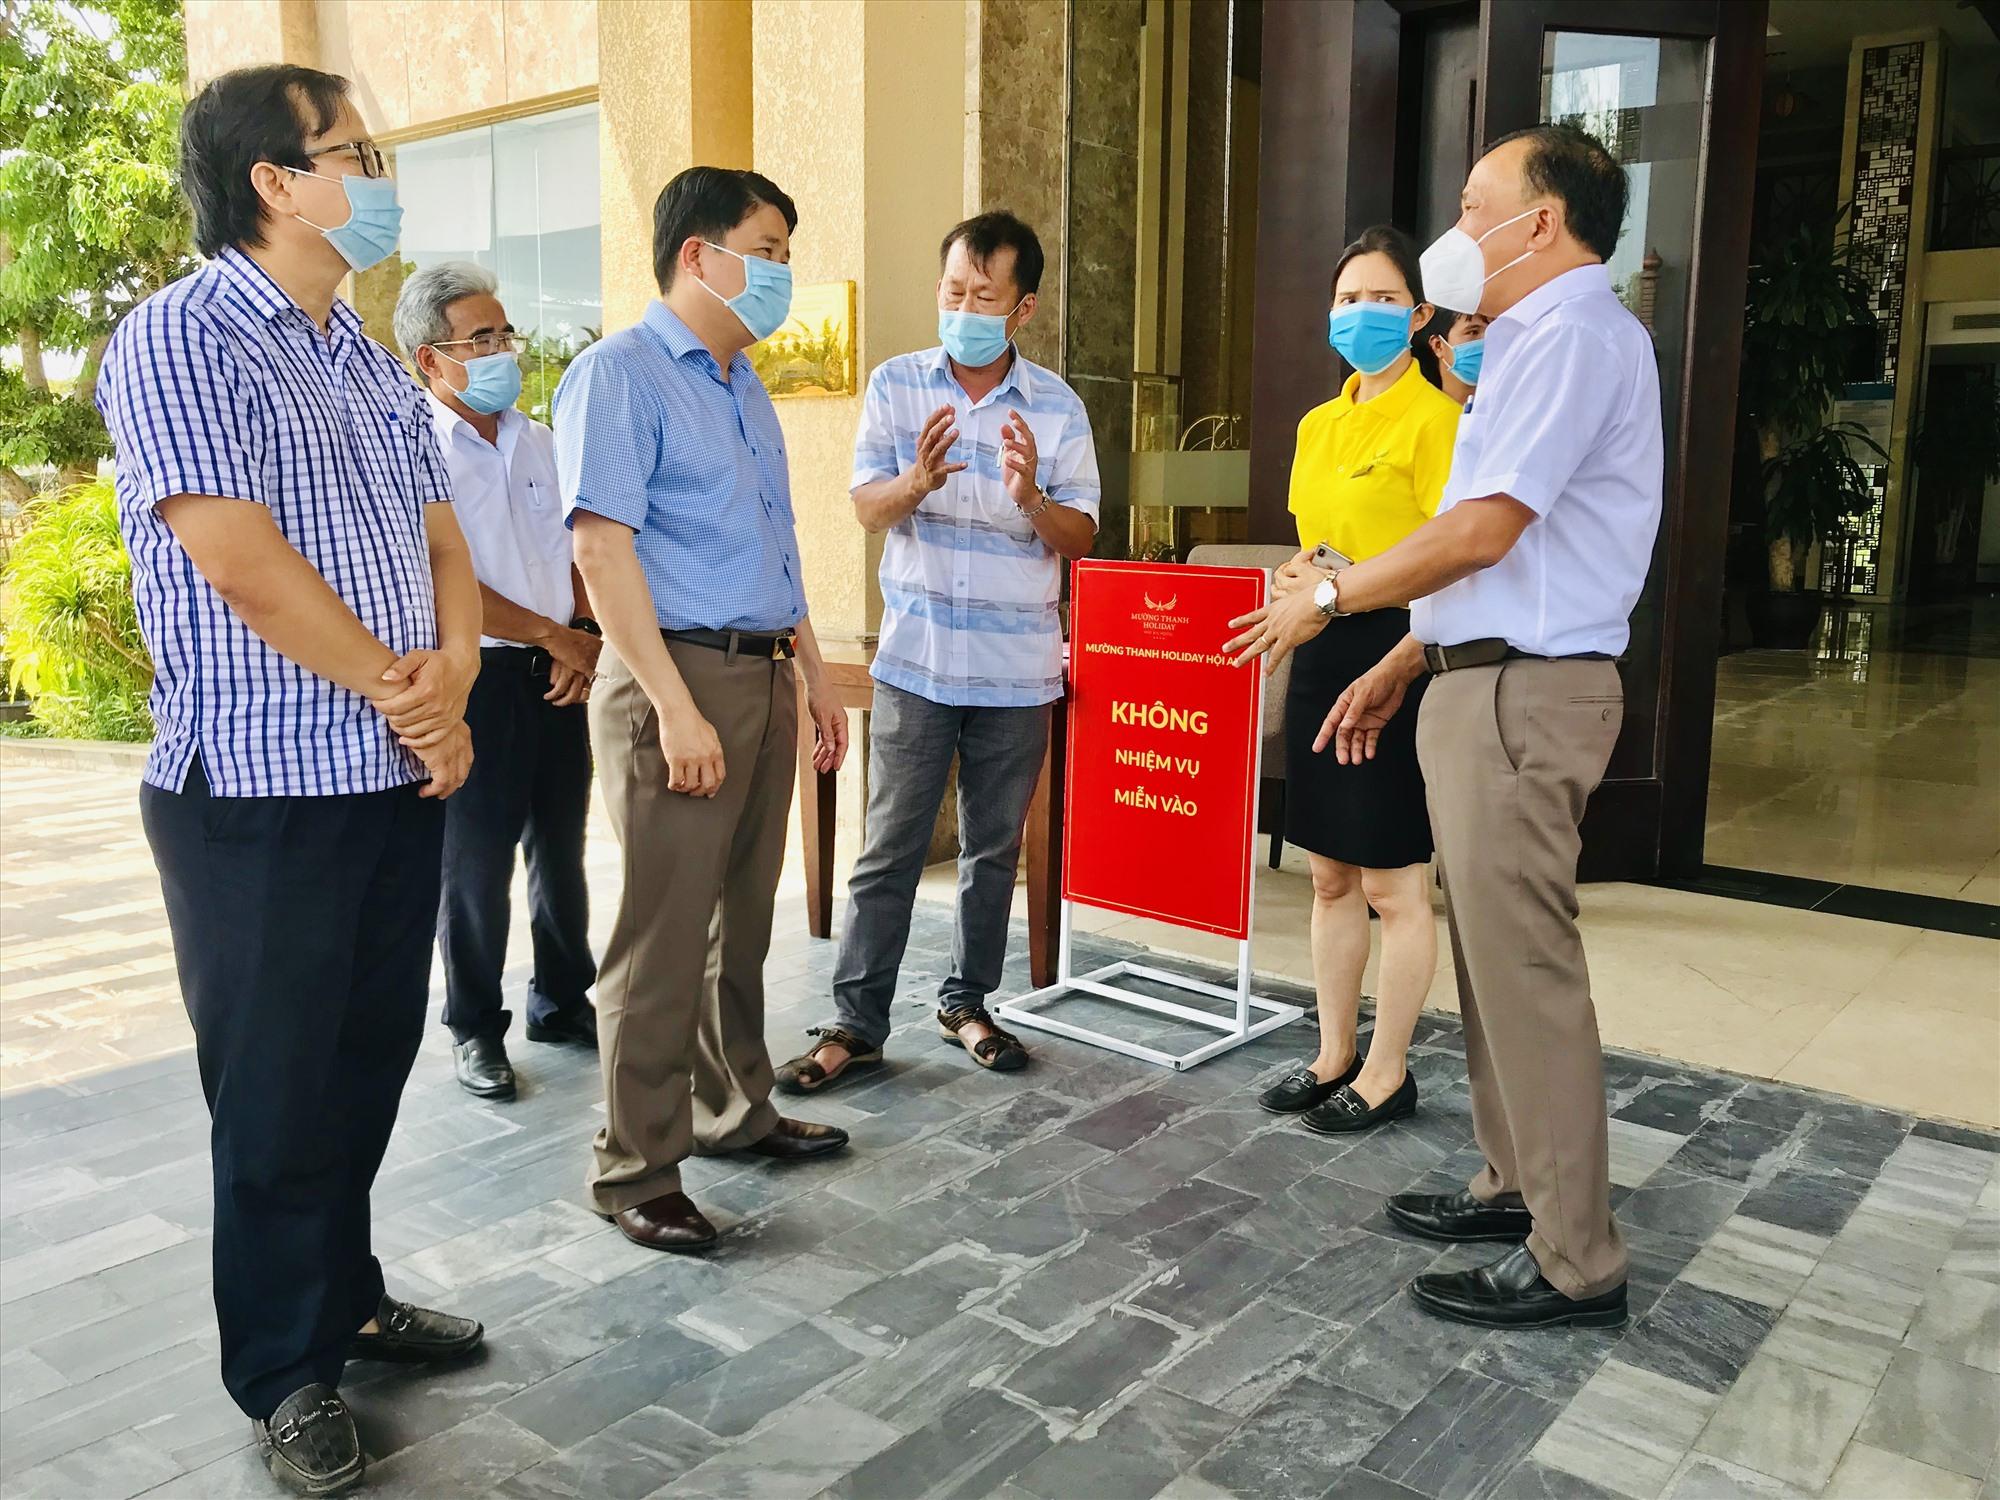 Lãnh đạo tỉnh kiểm tra công tác phòng chống dịch Covid-19 tại một khách sạn ở Hội An trong dịp lễ 30.4 & 1.5. Ảnh: Q.T